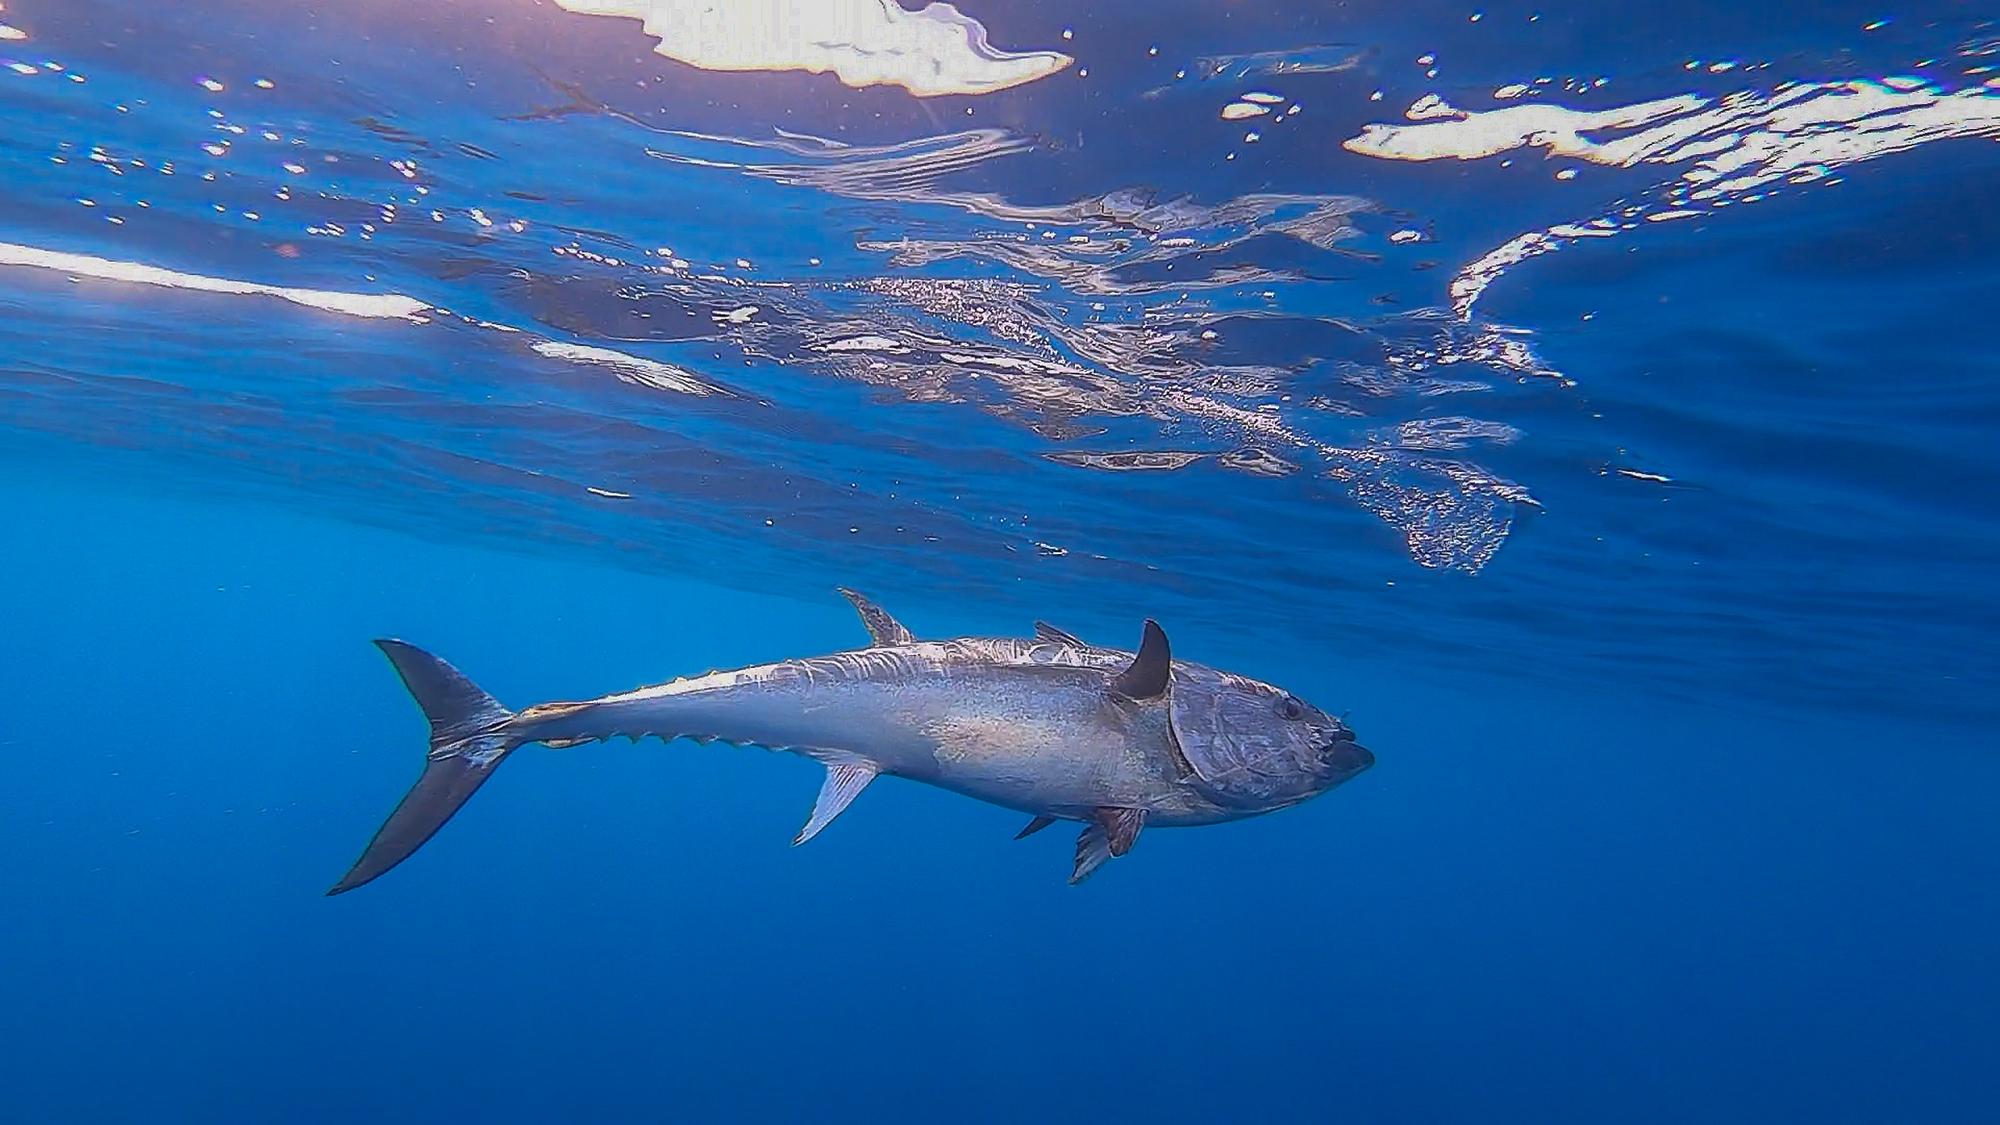 4. Quelle est l'importance économique du thon ?